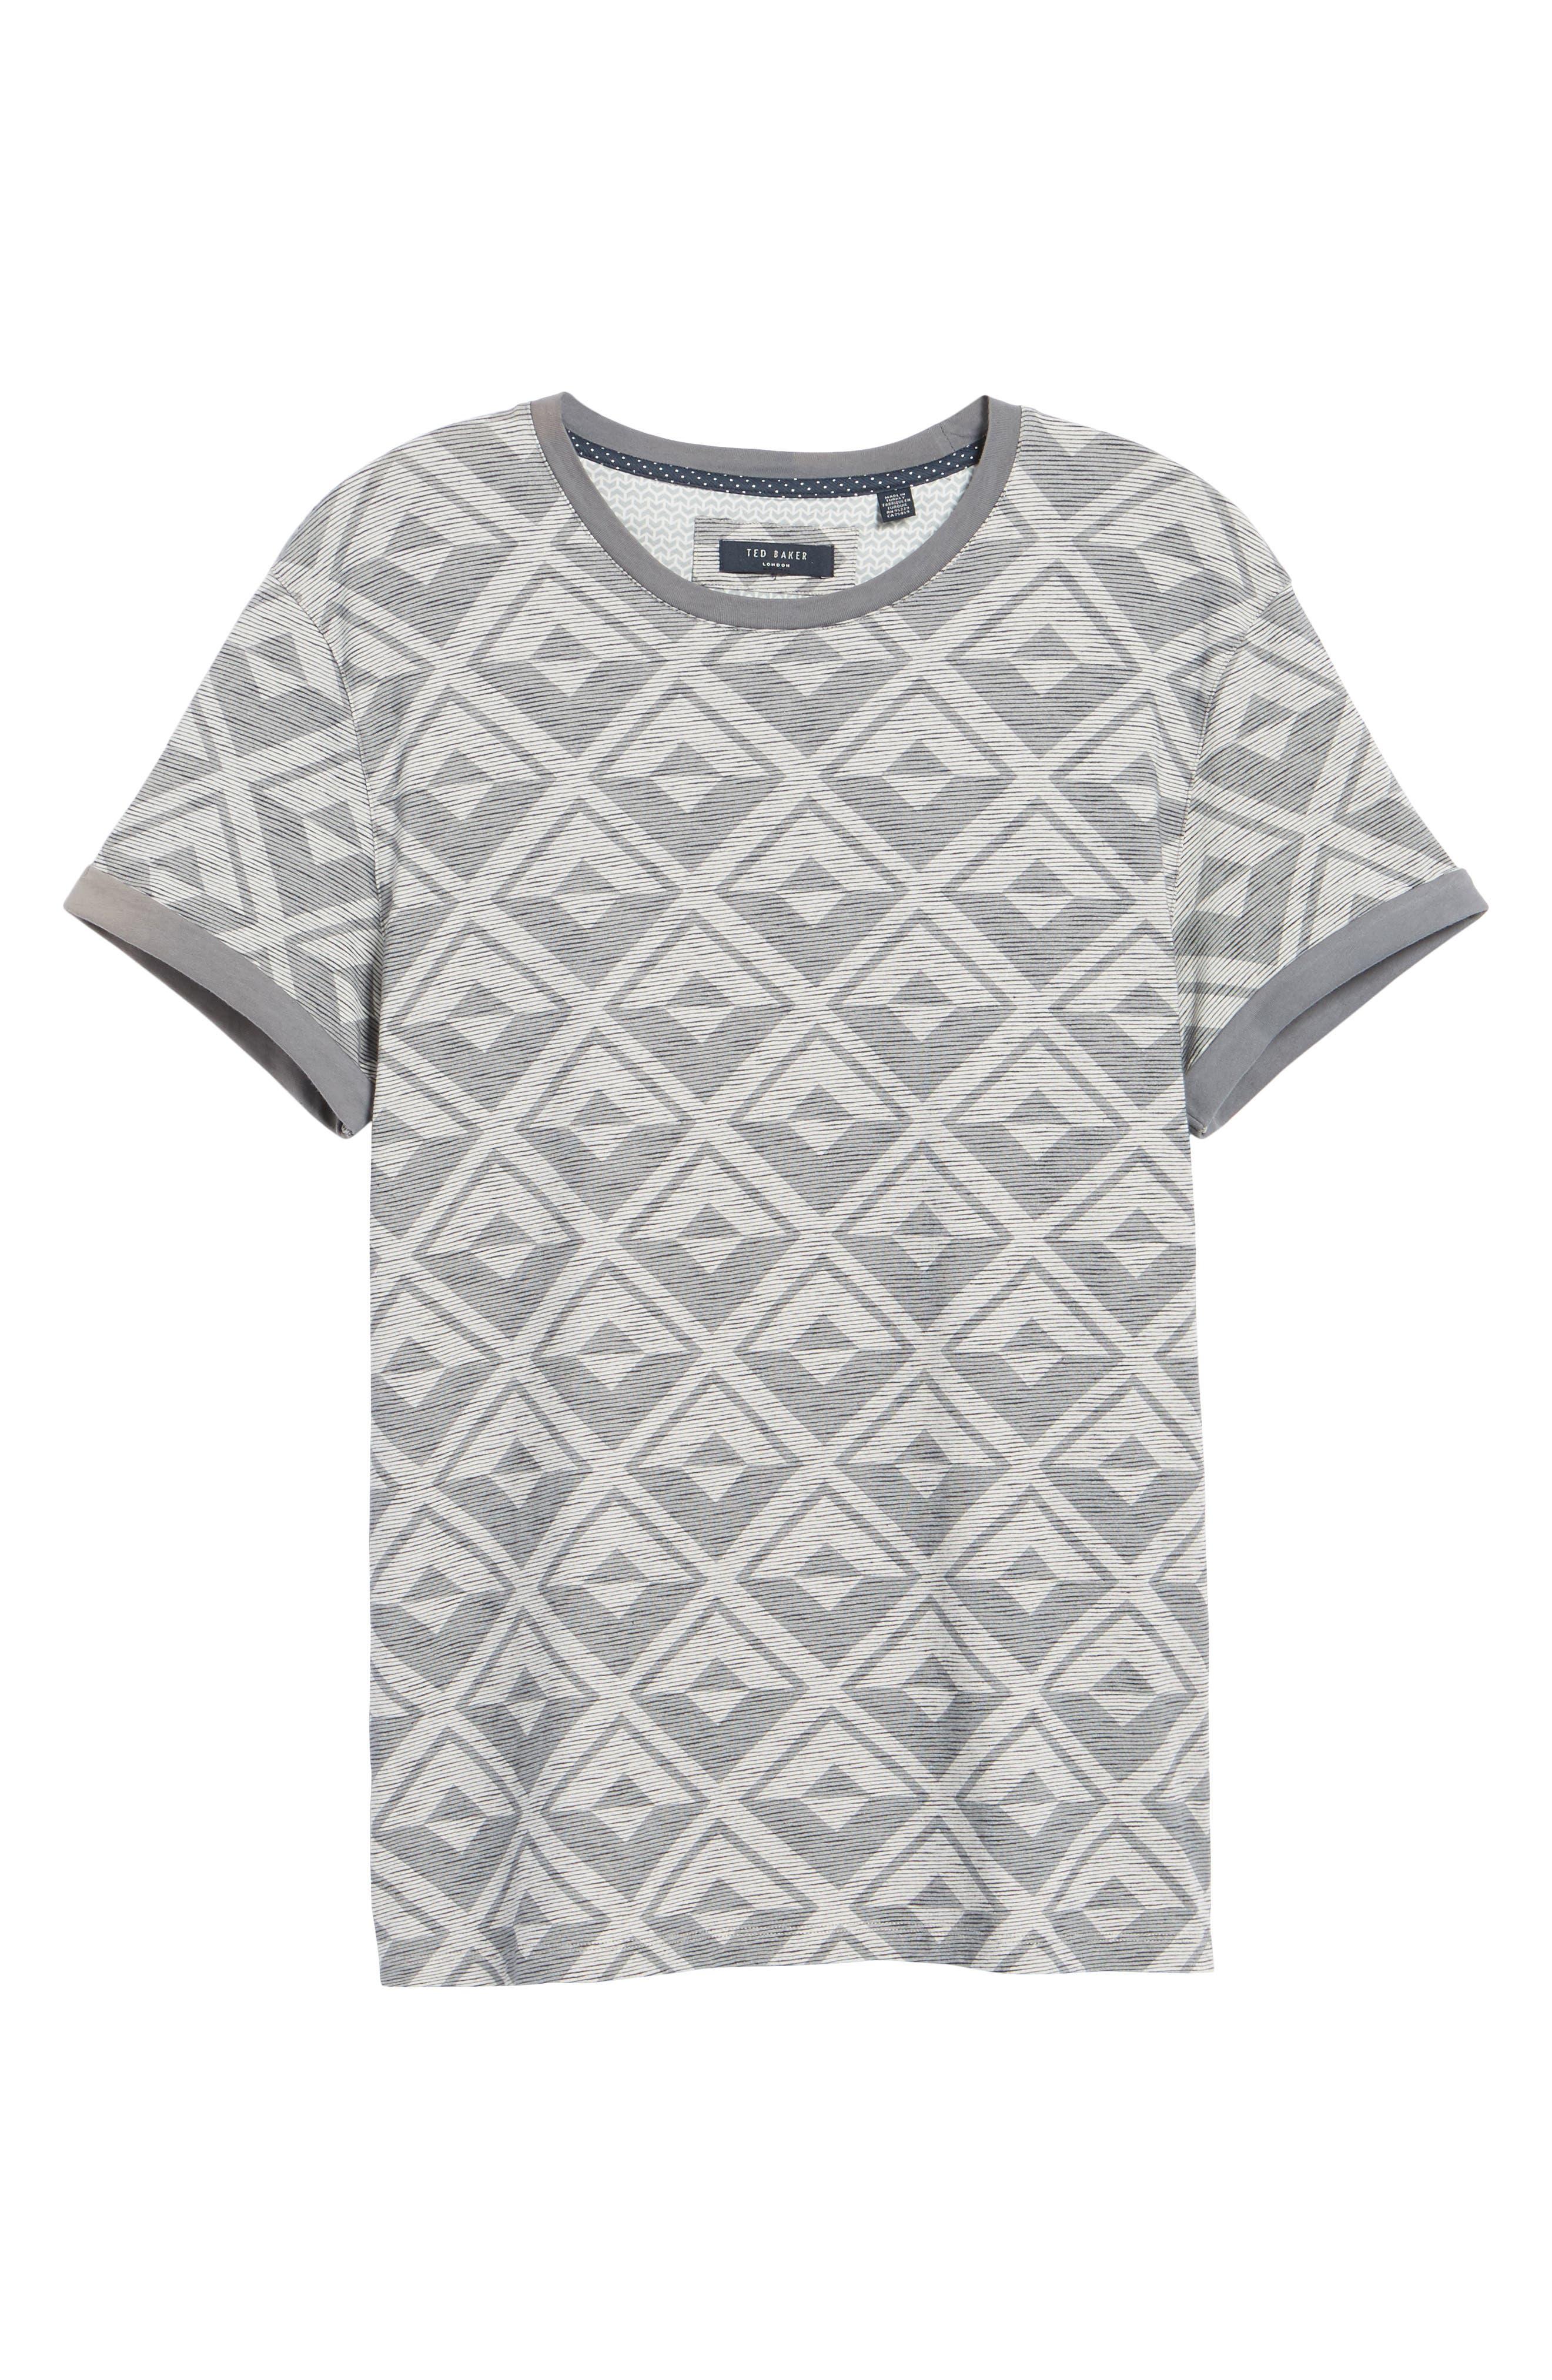 Geometric Crewneck T-Shirt,                             Alternate thumbnail 6, color,                             021